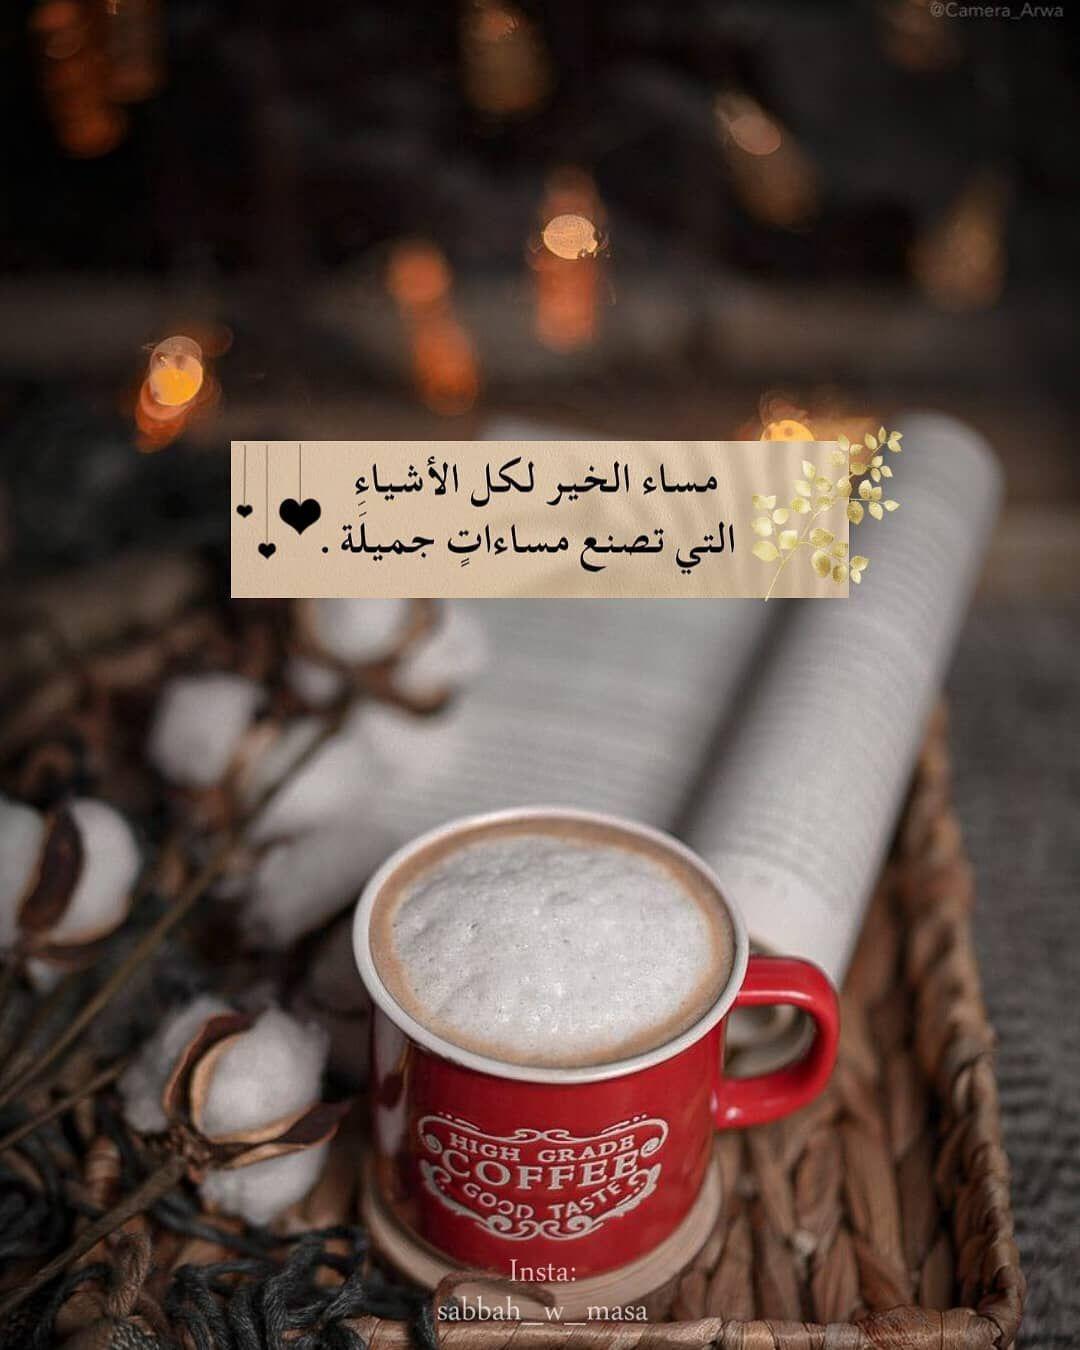 صبح و مساء On Instagram مساء الخير مساء الورد تصميم تصاميم السعو Iphone Wallpaper Quotes Love Calligraphy Quotes Love One Word Quotes